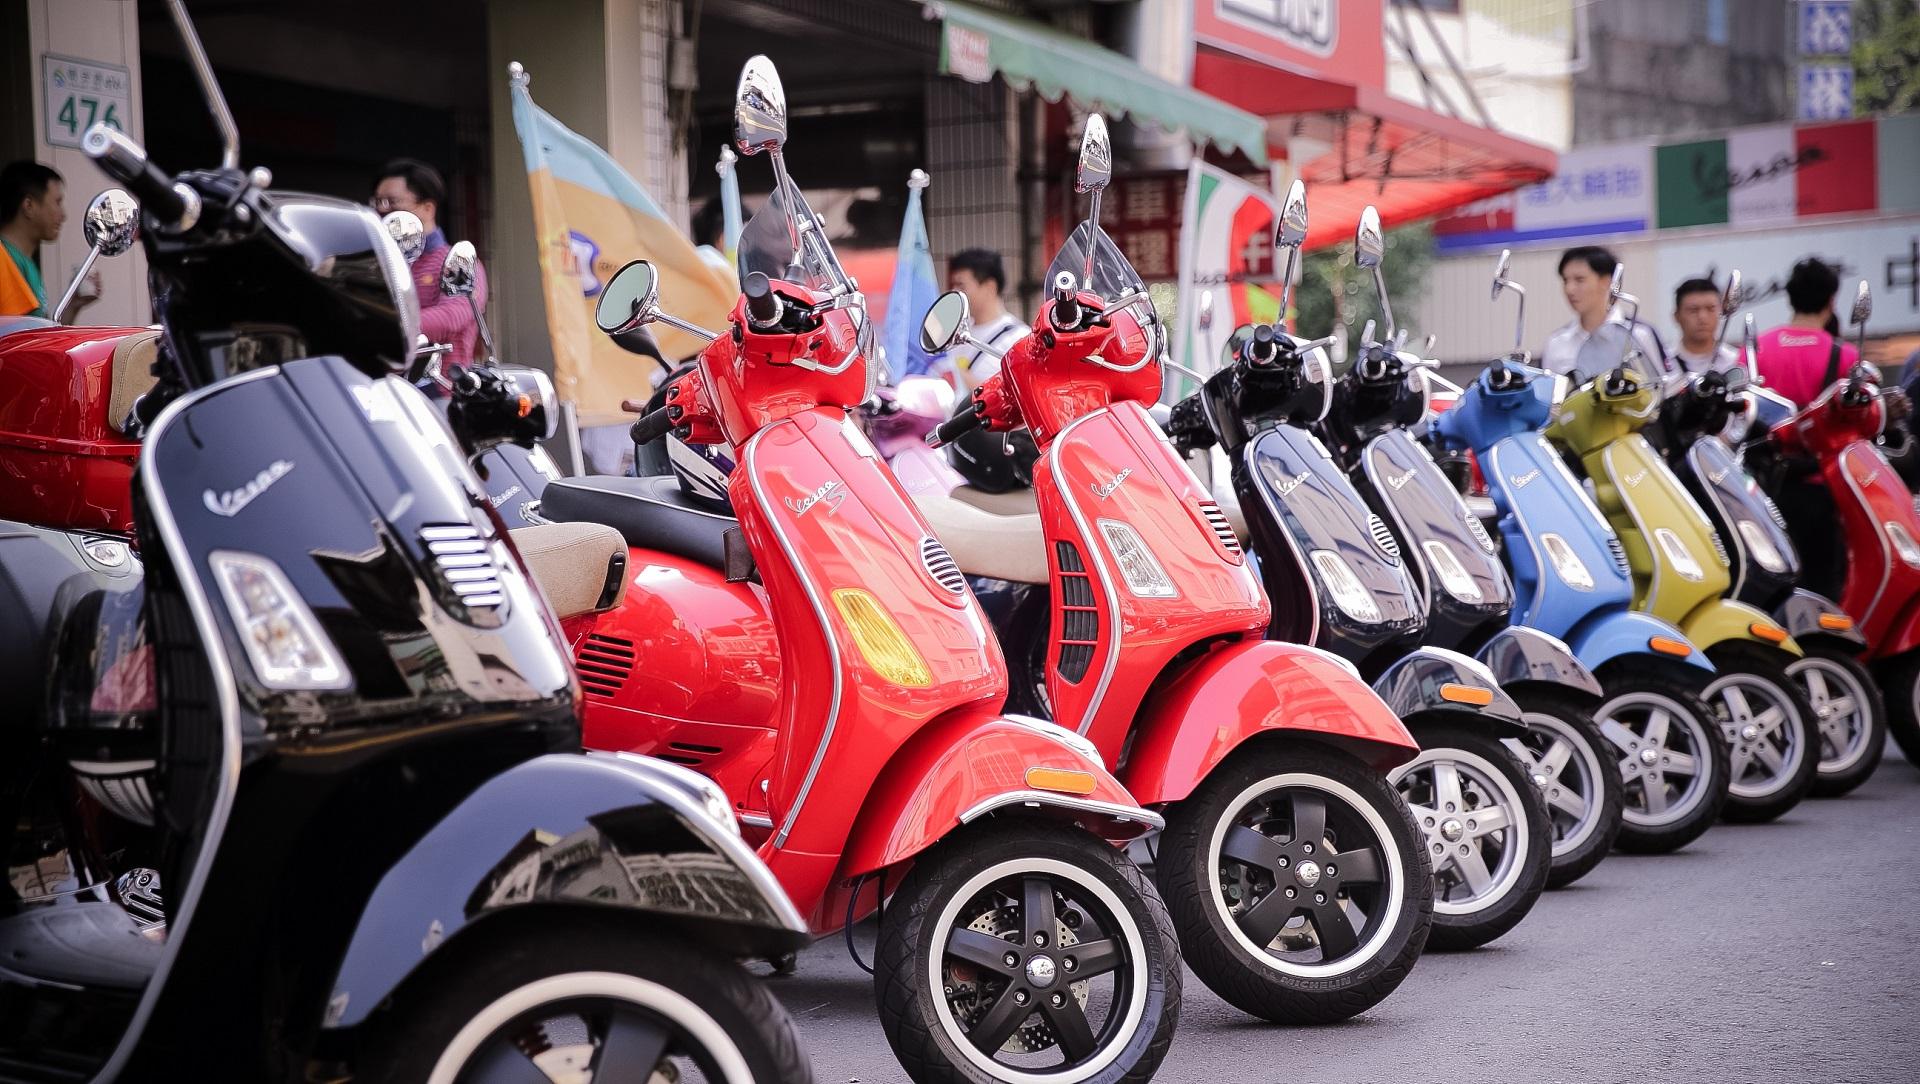 La mítica Vespa tendrá su primera scooter eléctrica en 2018